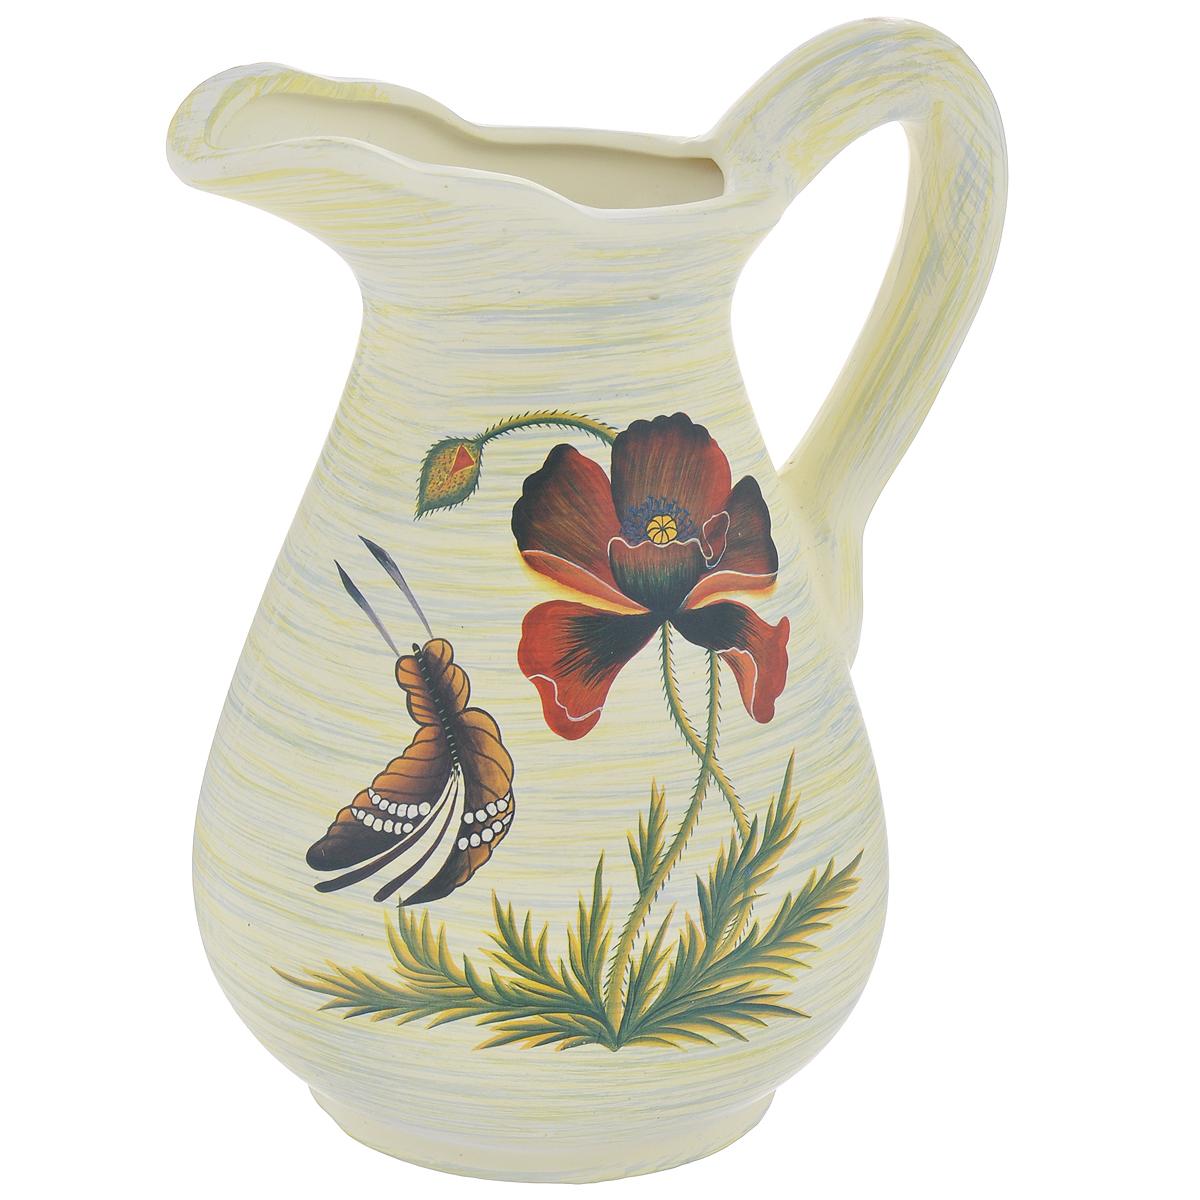 Ваза Lillo Маки и бабочка, высота 25 смFS-91909Элегантная ваза Lillo Маки и бабочка выполнена из высококачественной керамики в виде кувшина и декорирована рисунком. Она придется по вкусу и ценителям классики, и тем, кто предпочитает утонченность и изящность. Вы можете поставить вазу в любом месте, где она будет удачно смотреться и радовать глаз. Такая ваза подойдет и для цветов, и для декора интерьера. Кроме того - это отличный вариант подарка для ваших близких и друзей. Высота вазы: 25 см.Диаметр основания: 11,5 см.